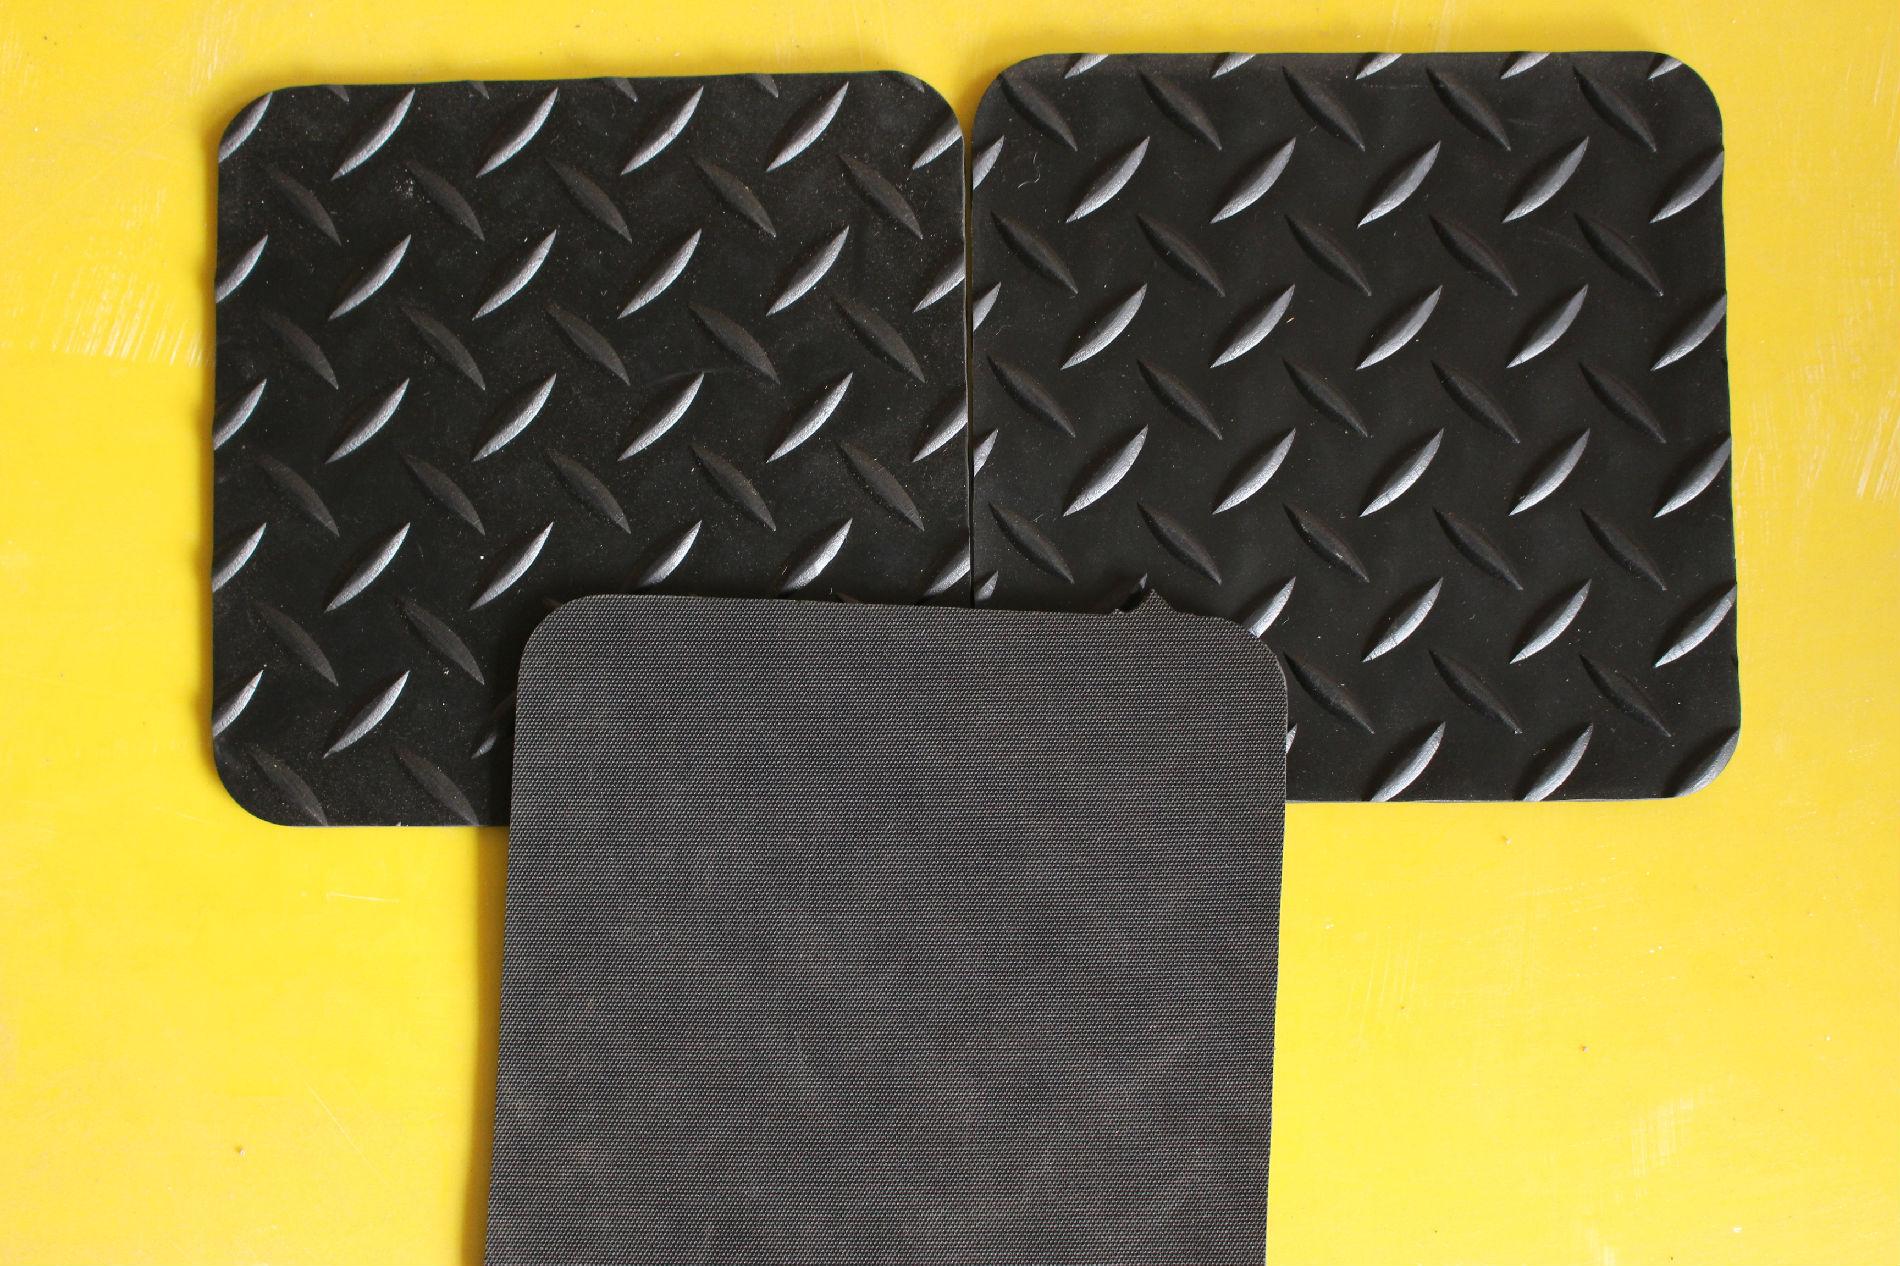 湛江绝缘垫厂家供应10mm黑色绝缘垫供应商